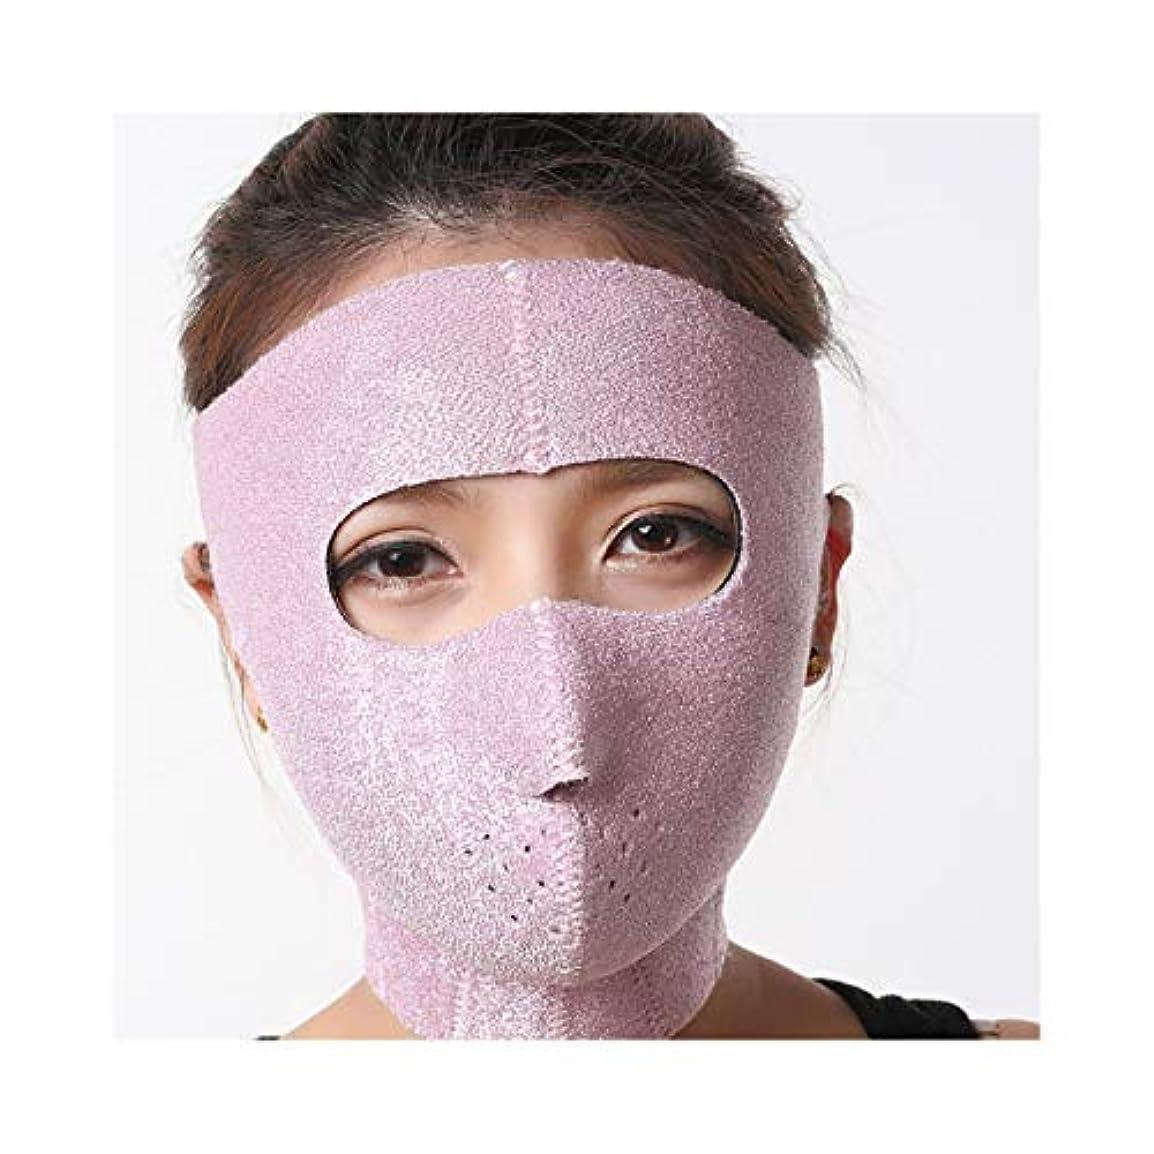 六野生レビュアーGLJJQMY スリムベルトマスク薄い顔マスク睡眠薄い顔マスク薄い顔包帯薄い顔アーティファクト薄い顔薄い顔薄い顔小さいV顔睡眠薄い顔ベルト 顔用整形マスク